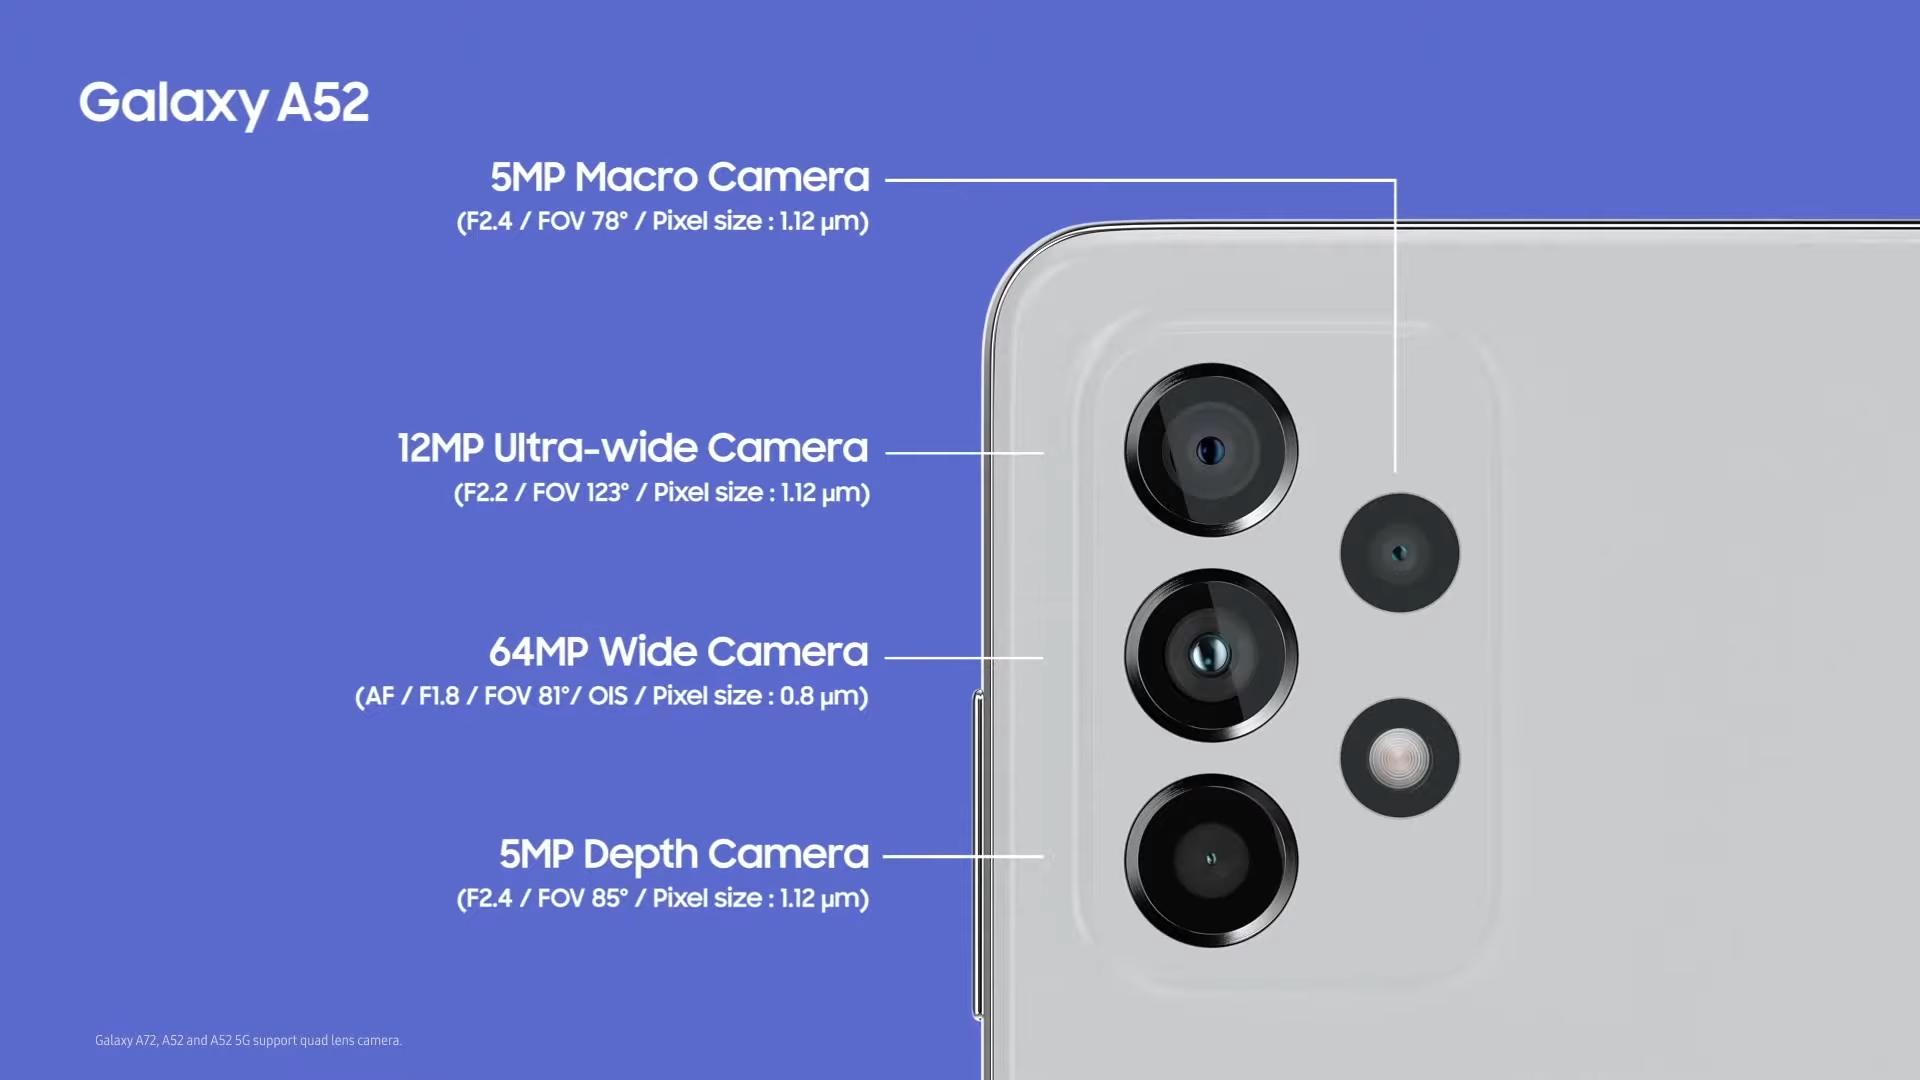 نقد و بررسی تخصصی دوربین گلکسی A52 سامسونگ